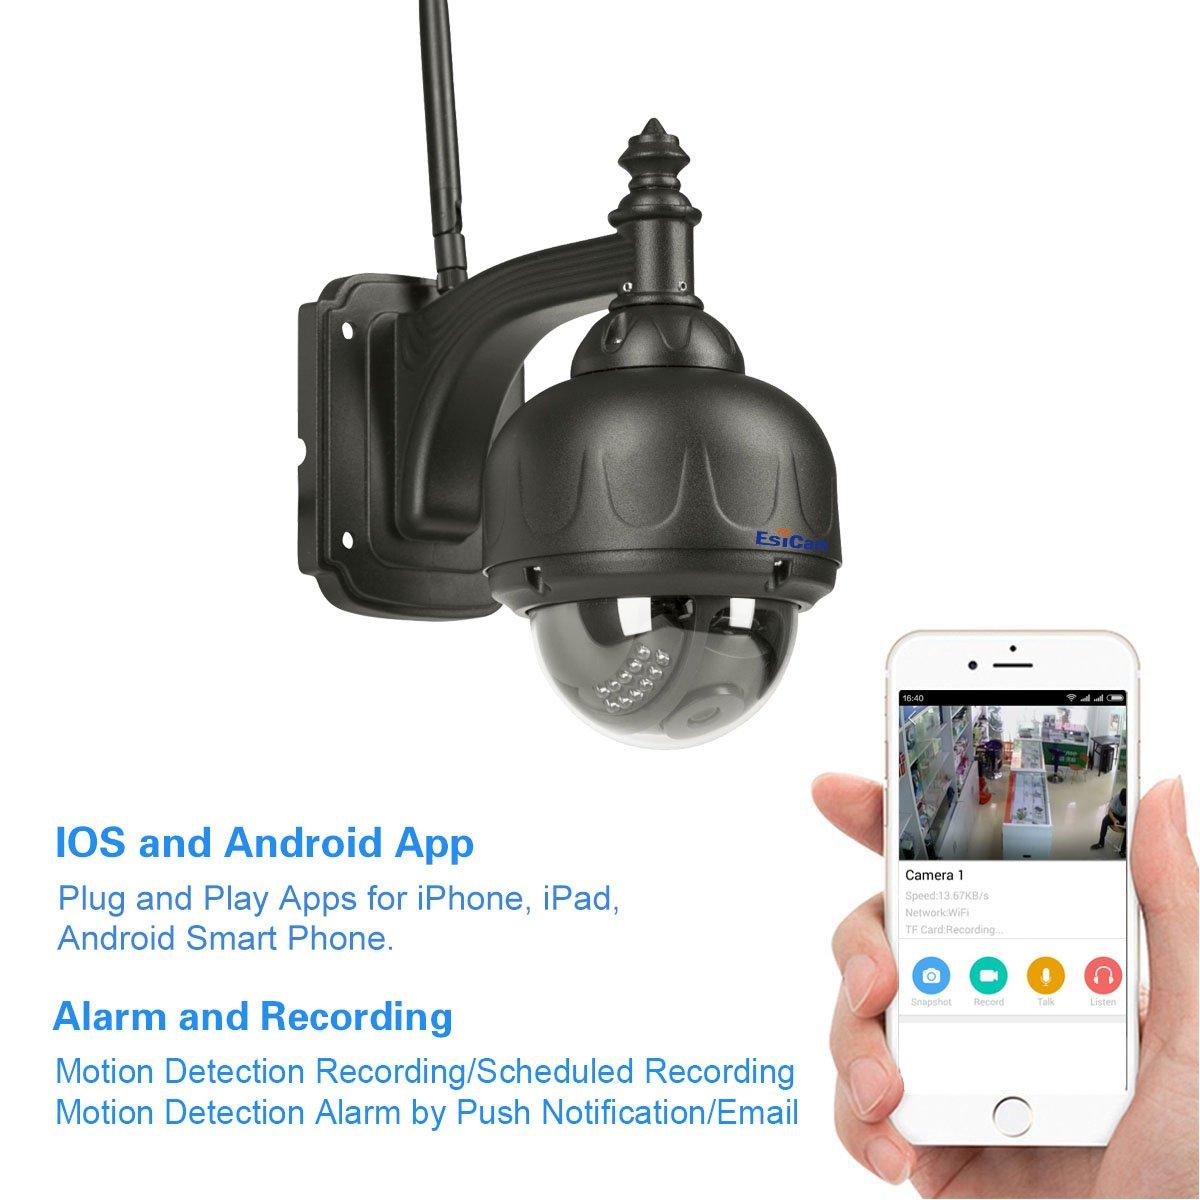 EsiCam HN11 720P Impermeable WIFI Cámara de la velocidad vigilancia de la bóveda PT al aire libre cámara IP inalámbrica con el apoyo del IOS y Android APP ...